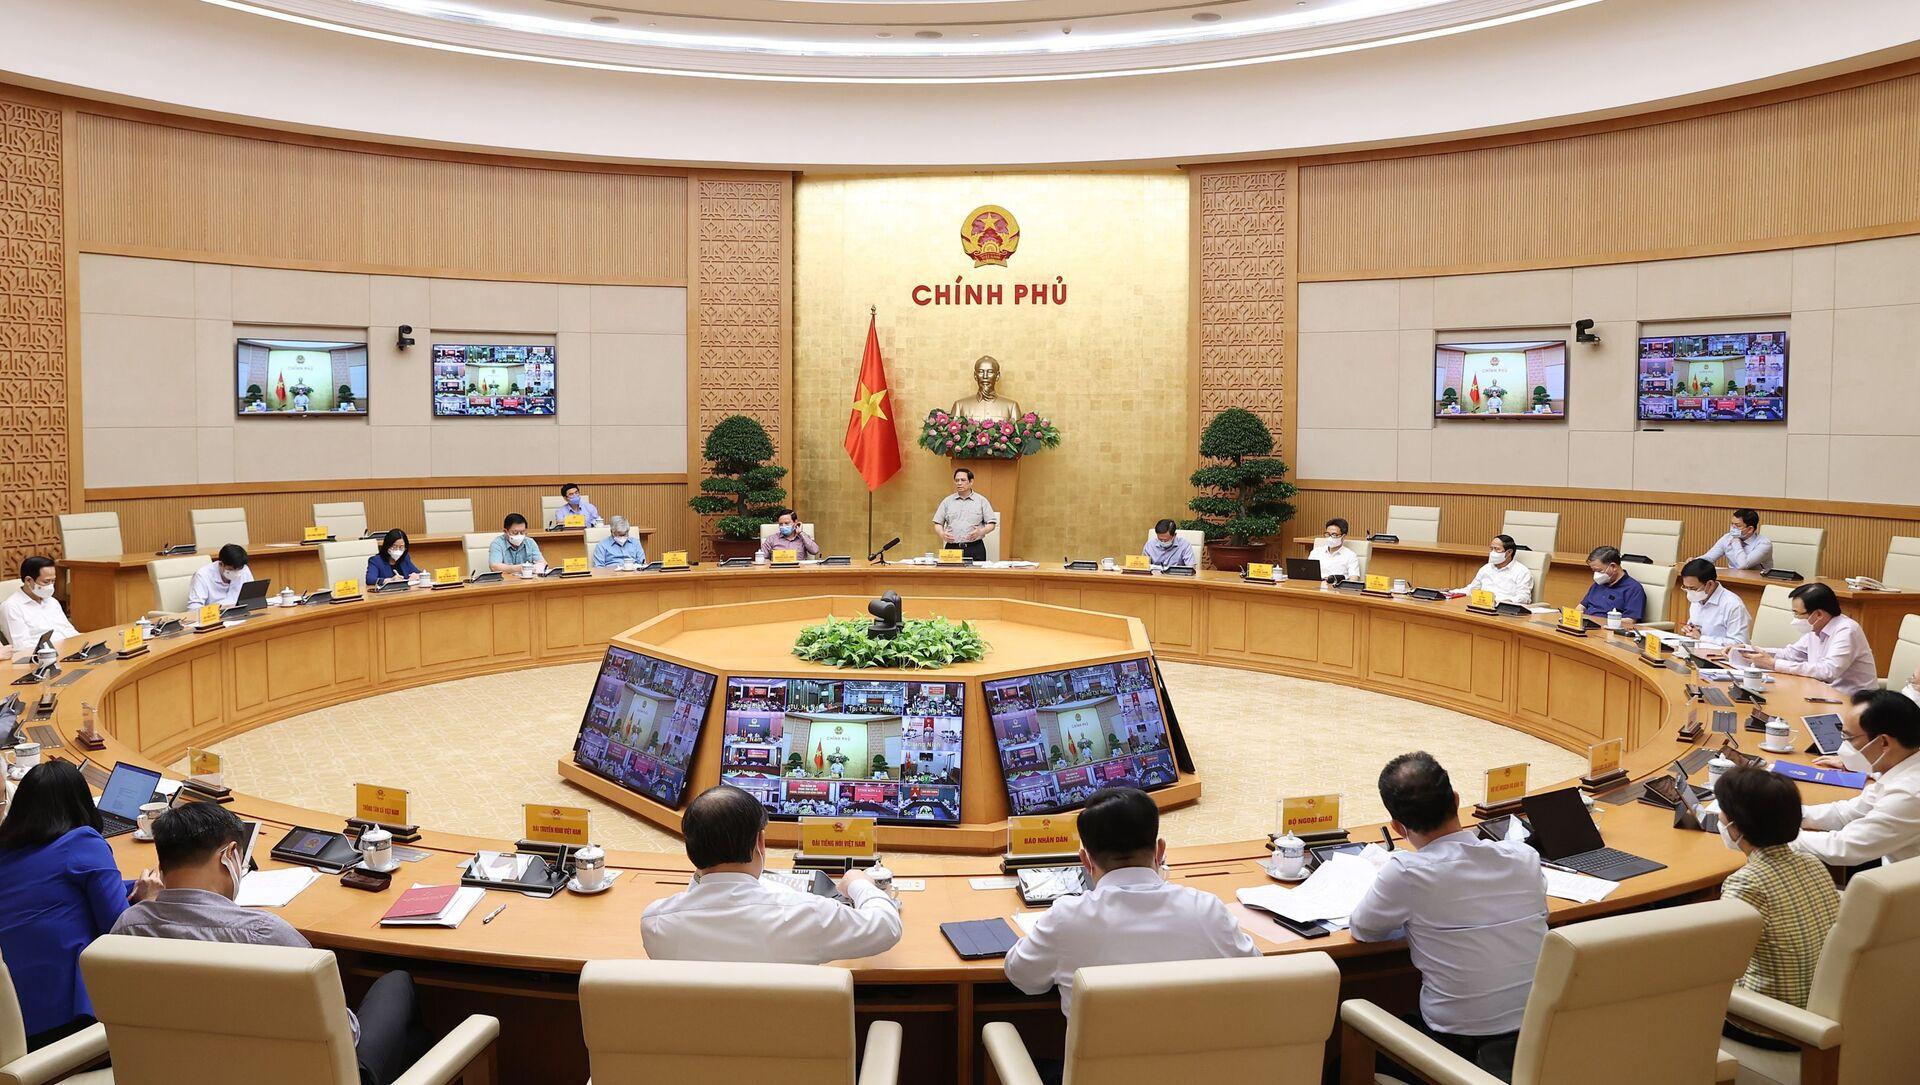 Quang cảnh cuộc họp tại điểm cầu Chính phủ - Sputnik Việt Nam, 1920, 25.09.2021